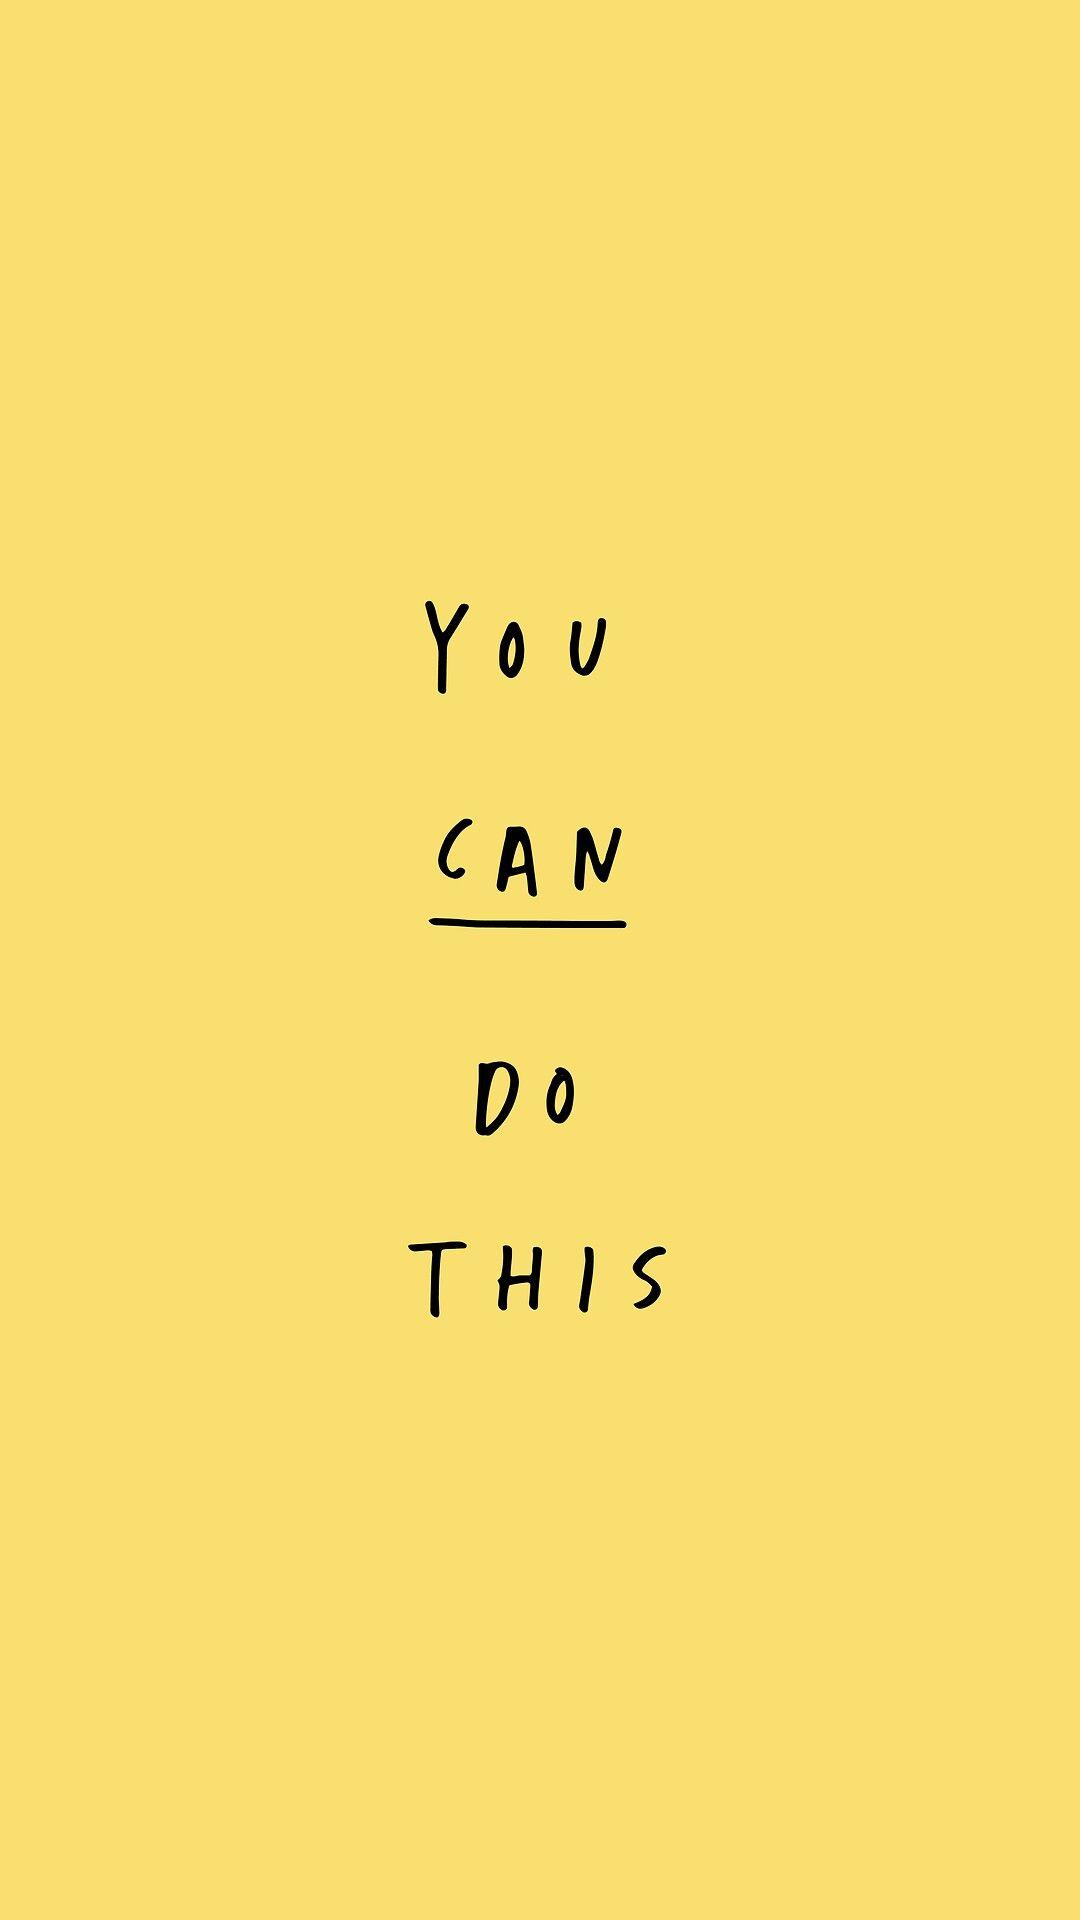 Você Pode Fazer Isso Frases Motivacionais Wallpaper